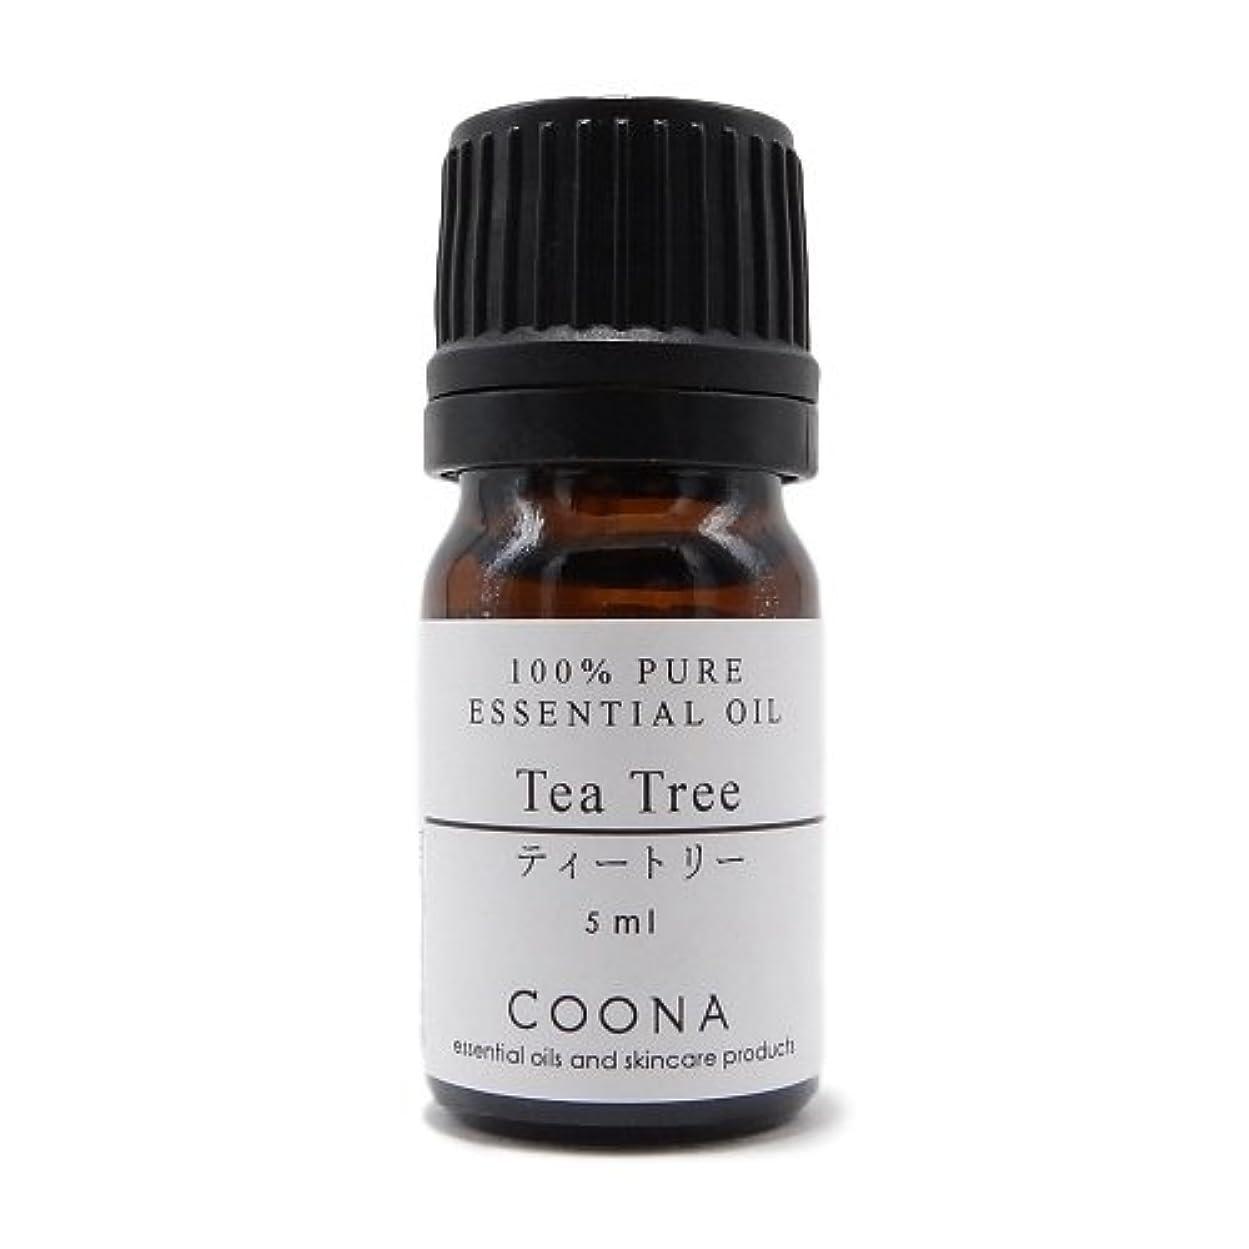 拒絶配列重さティートリー 5 ml (COONA エッセンシャルオイル アロマオイル 100%天然植物精油)